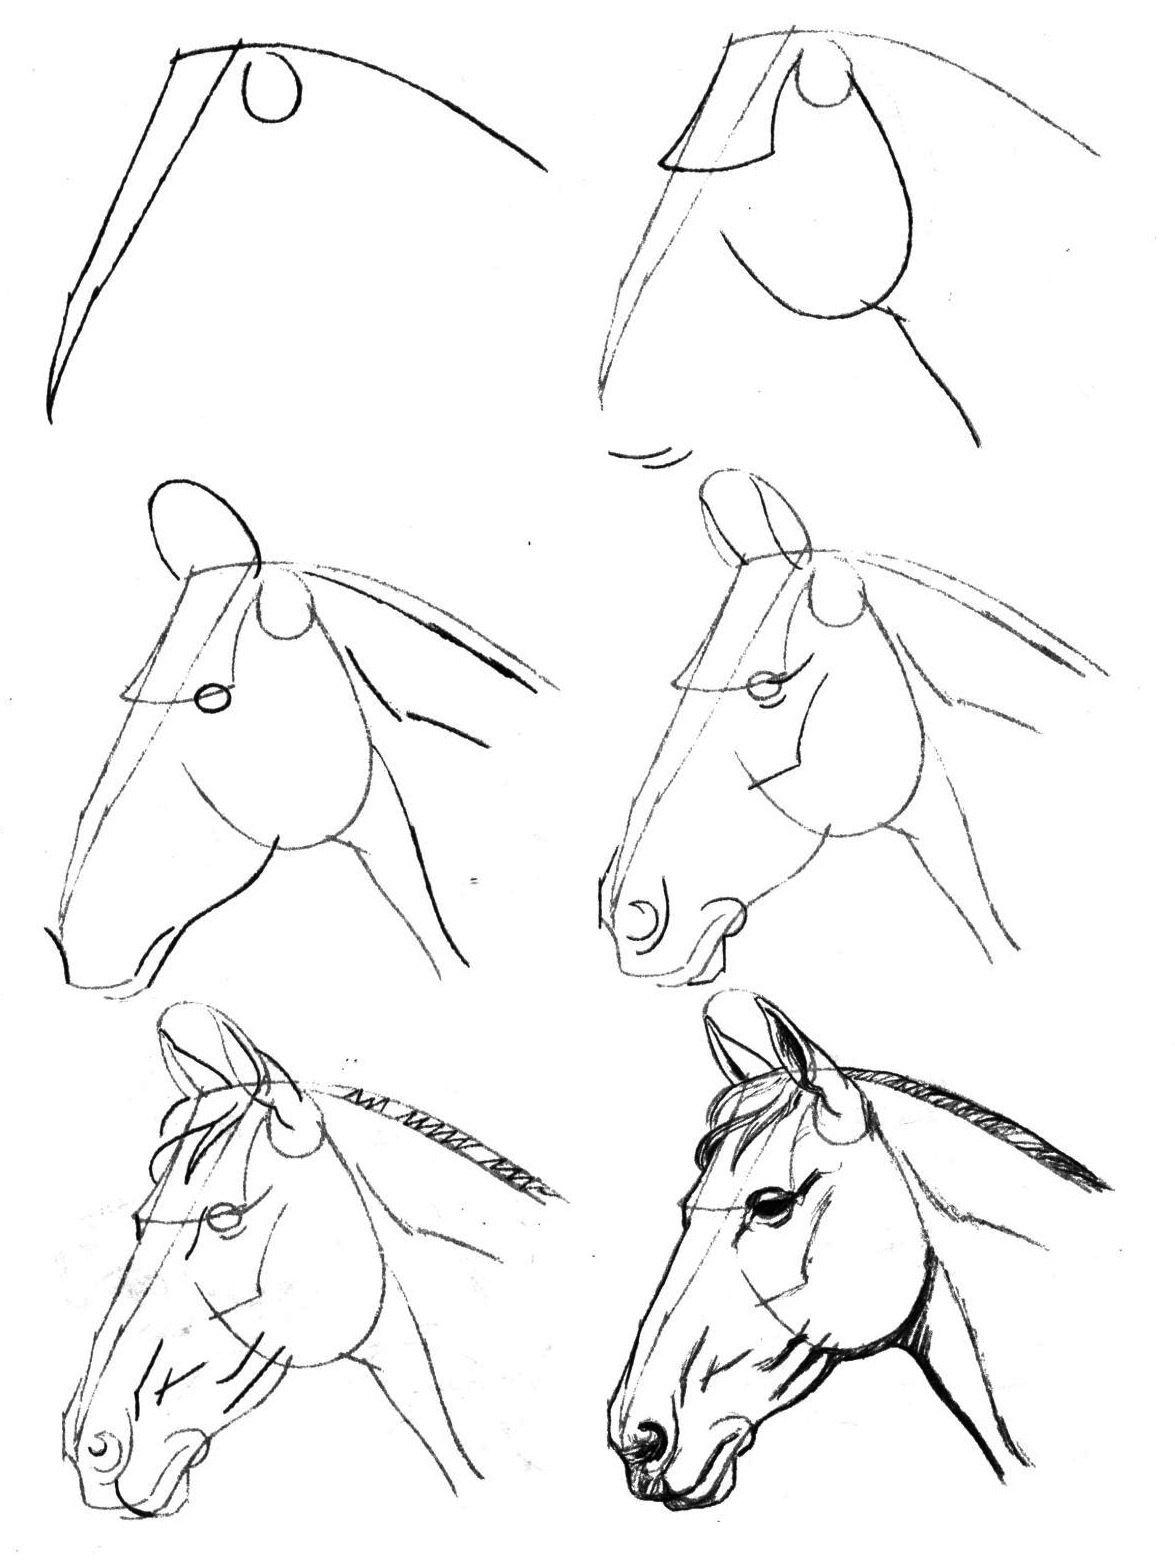 Как рисовать картинки карандашом легко, сам